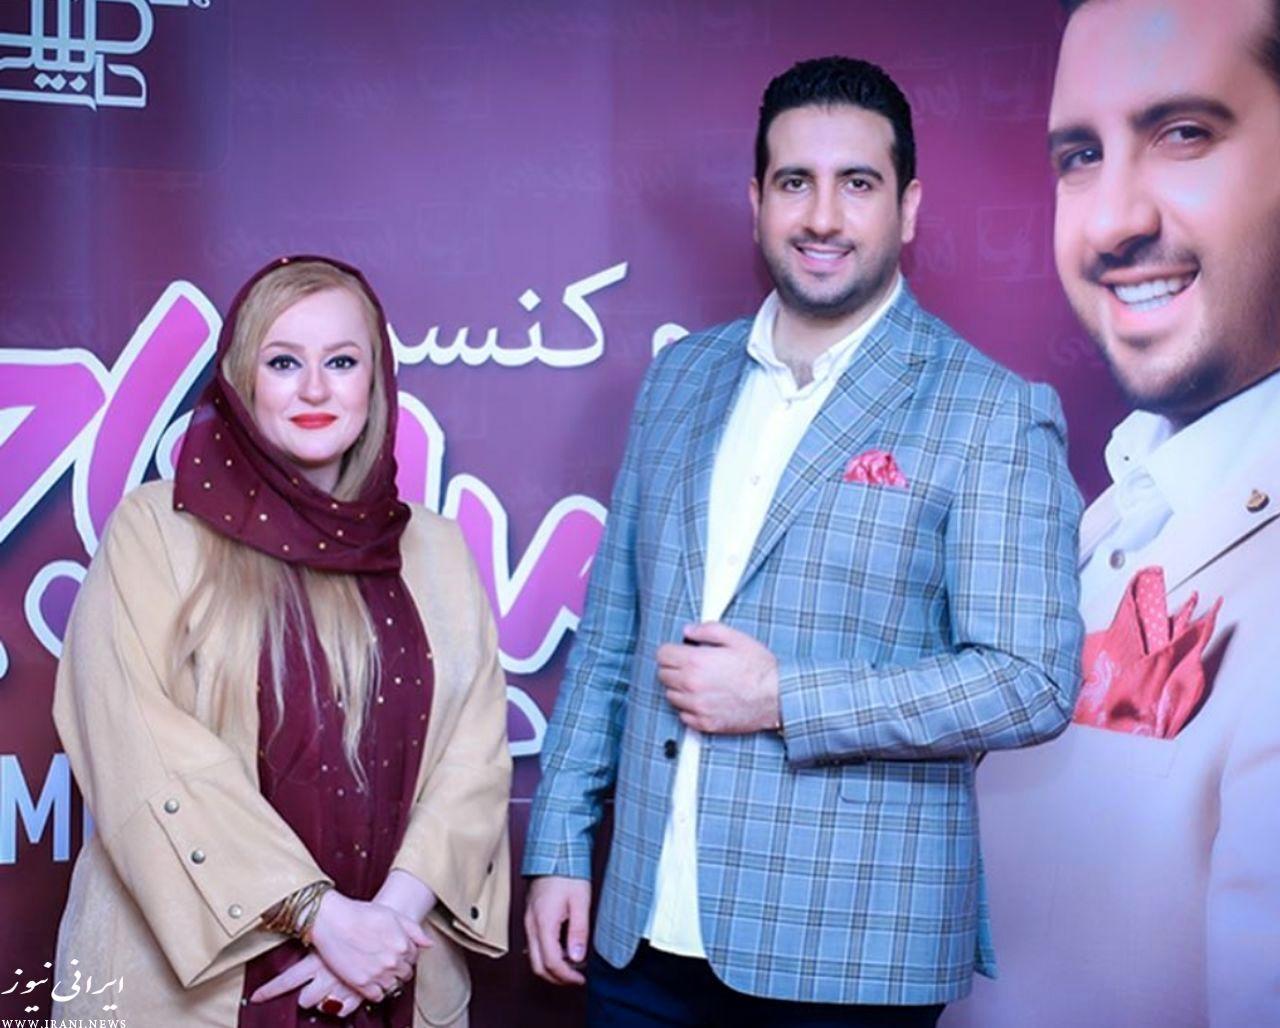 تصویری از نعیمه نظام دوست در کنسرت امید حاجیلی